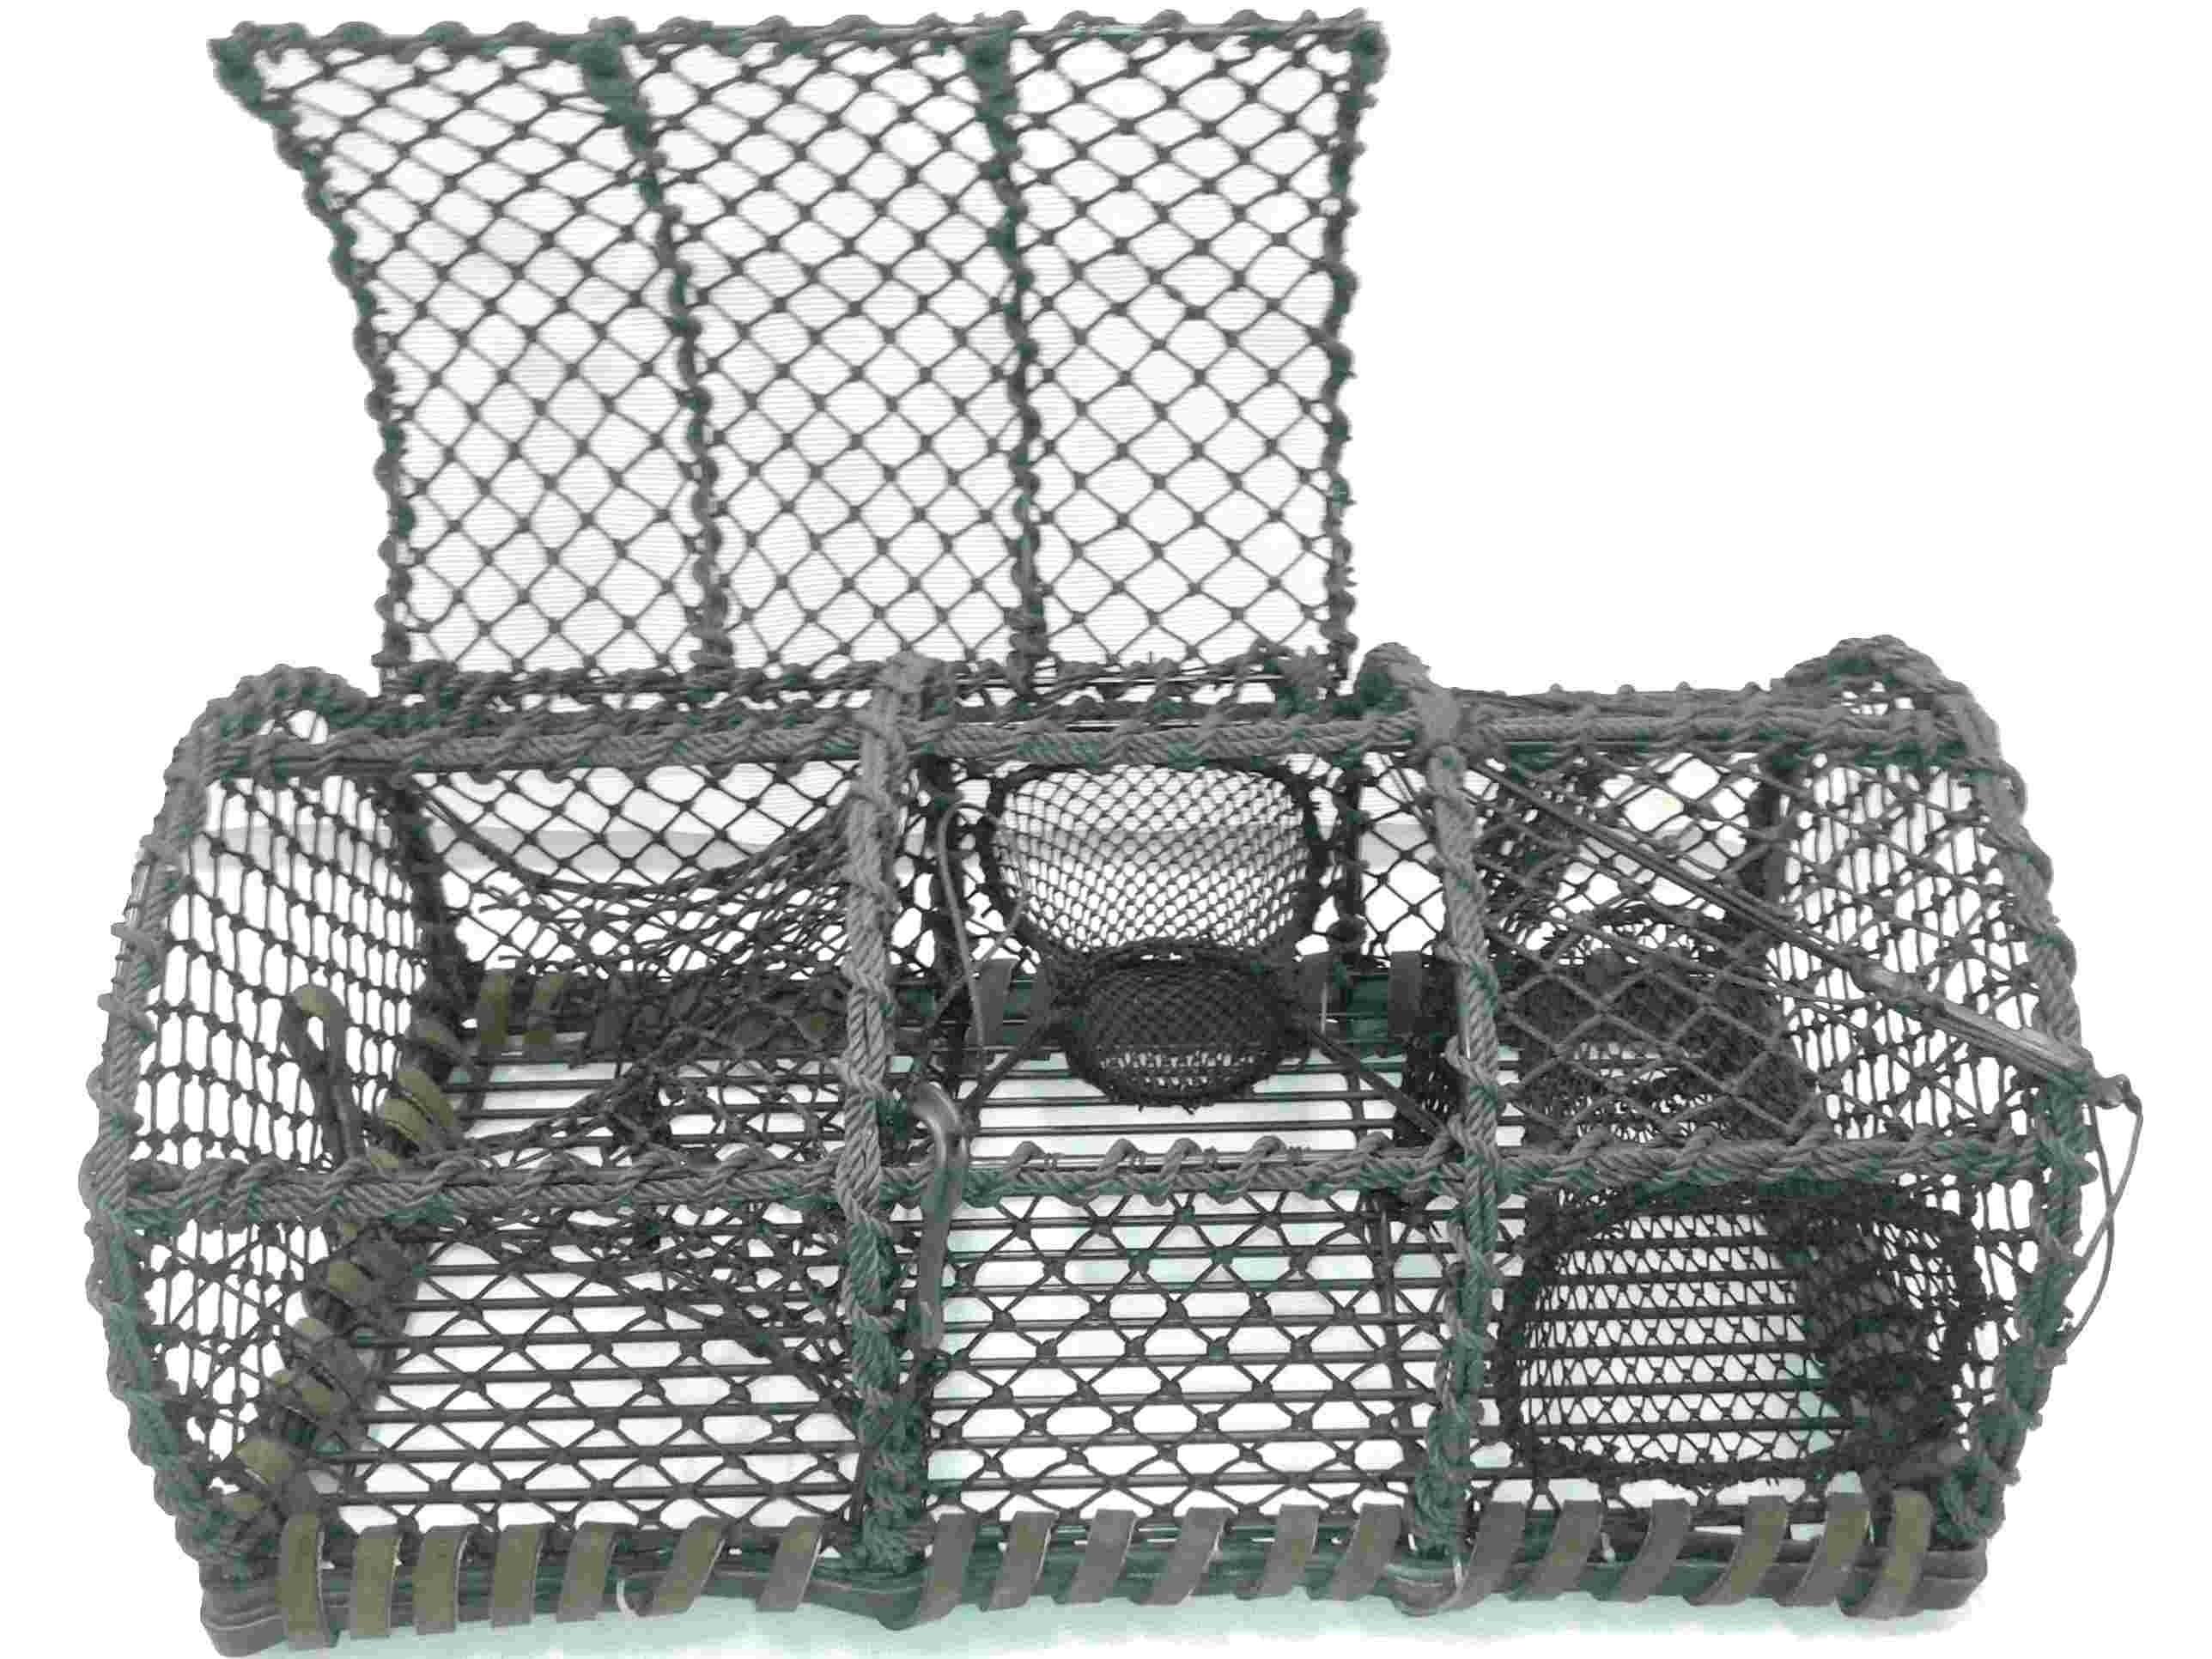 Fabriquer Un Casier À Homard casier à crabes avec 2 parloirs - alprech filets